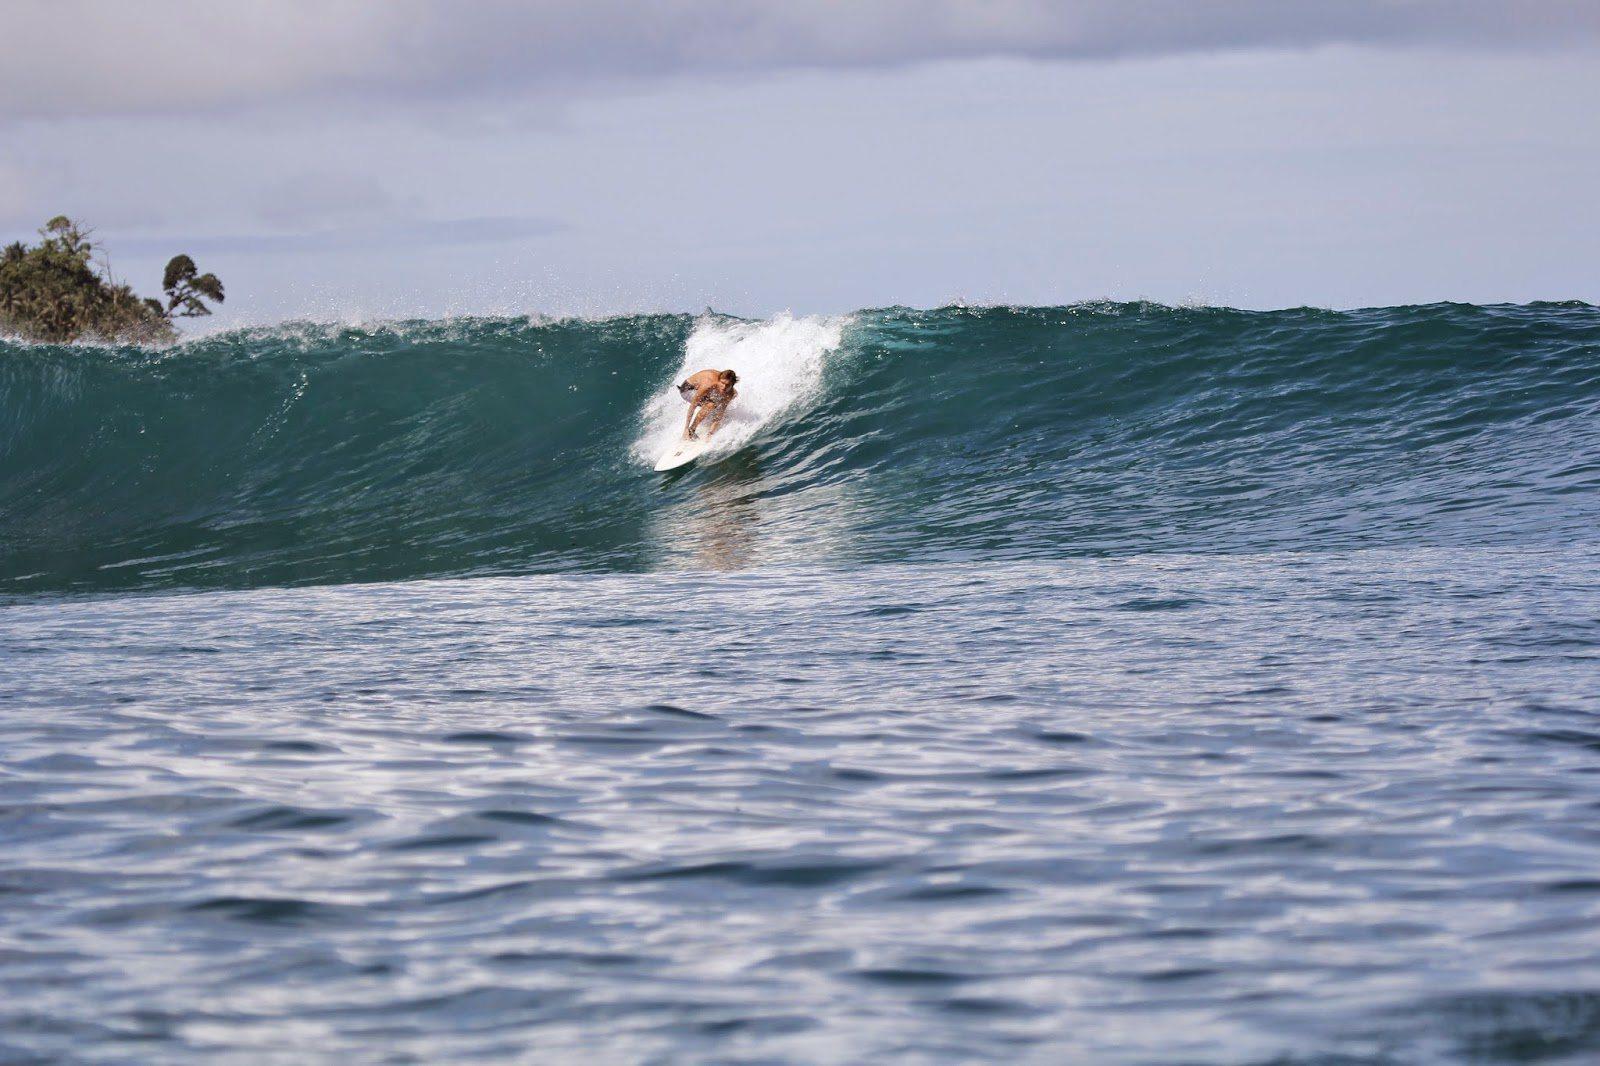 surfing surffaus härmäsurf härmä lainelautailu suomi suomisurf lainelauta surffaaja surffaaminen kesä meri aurinko